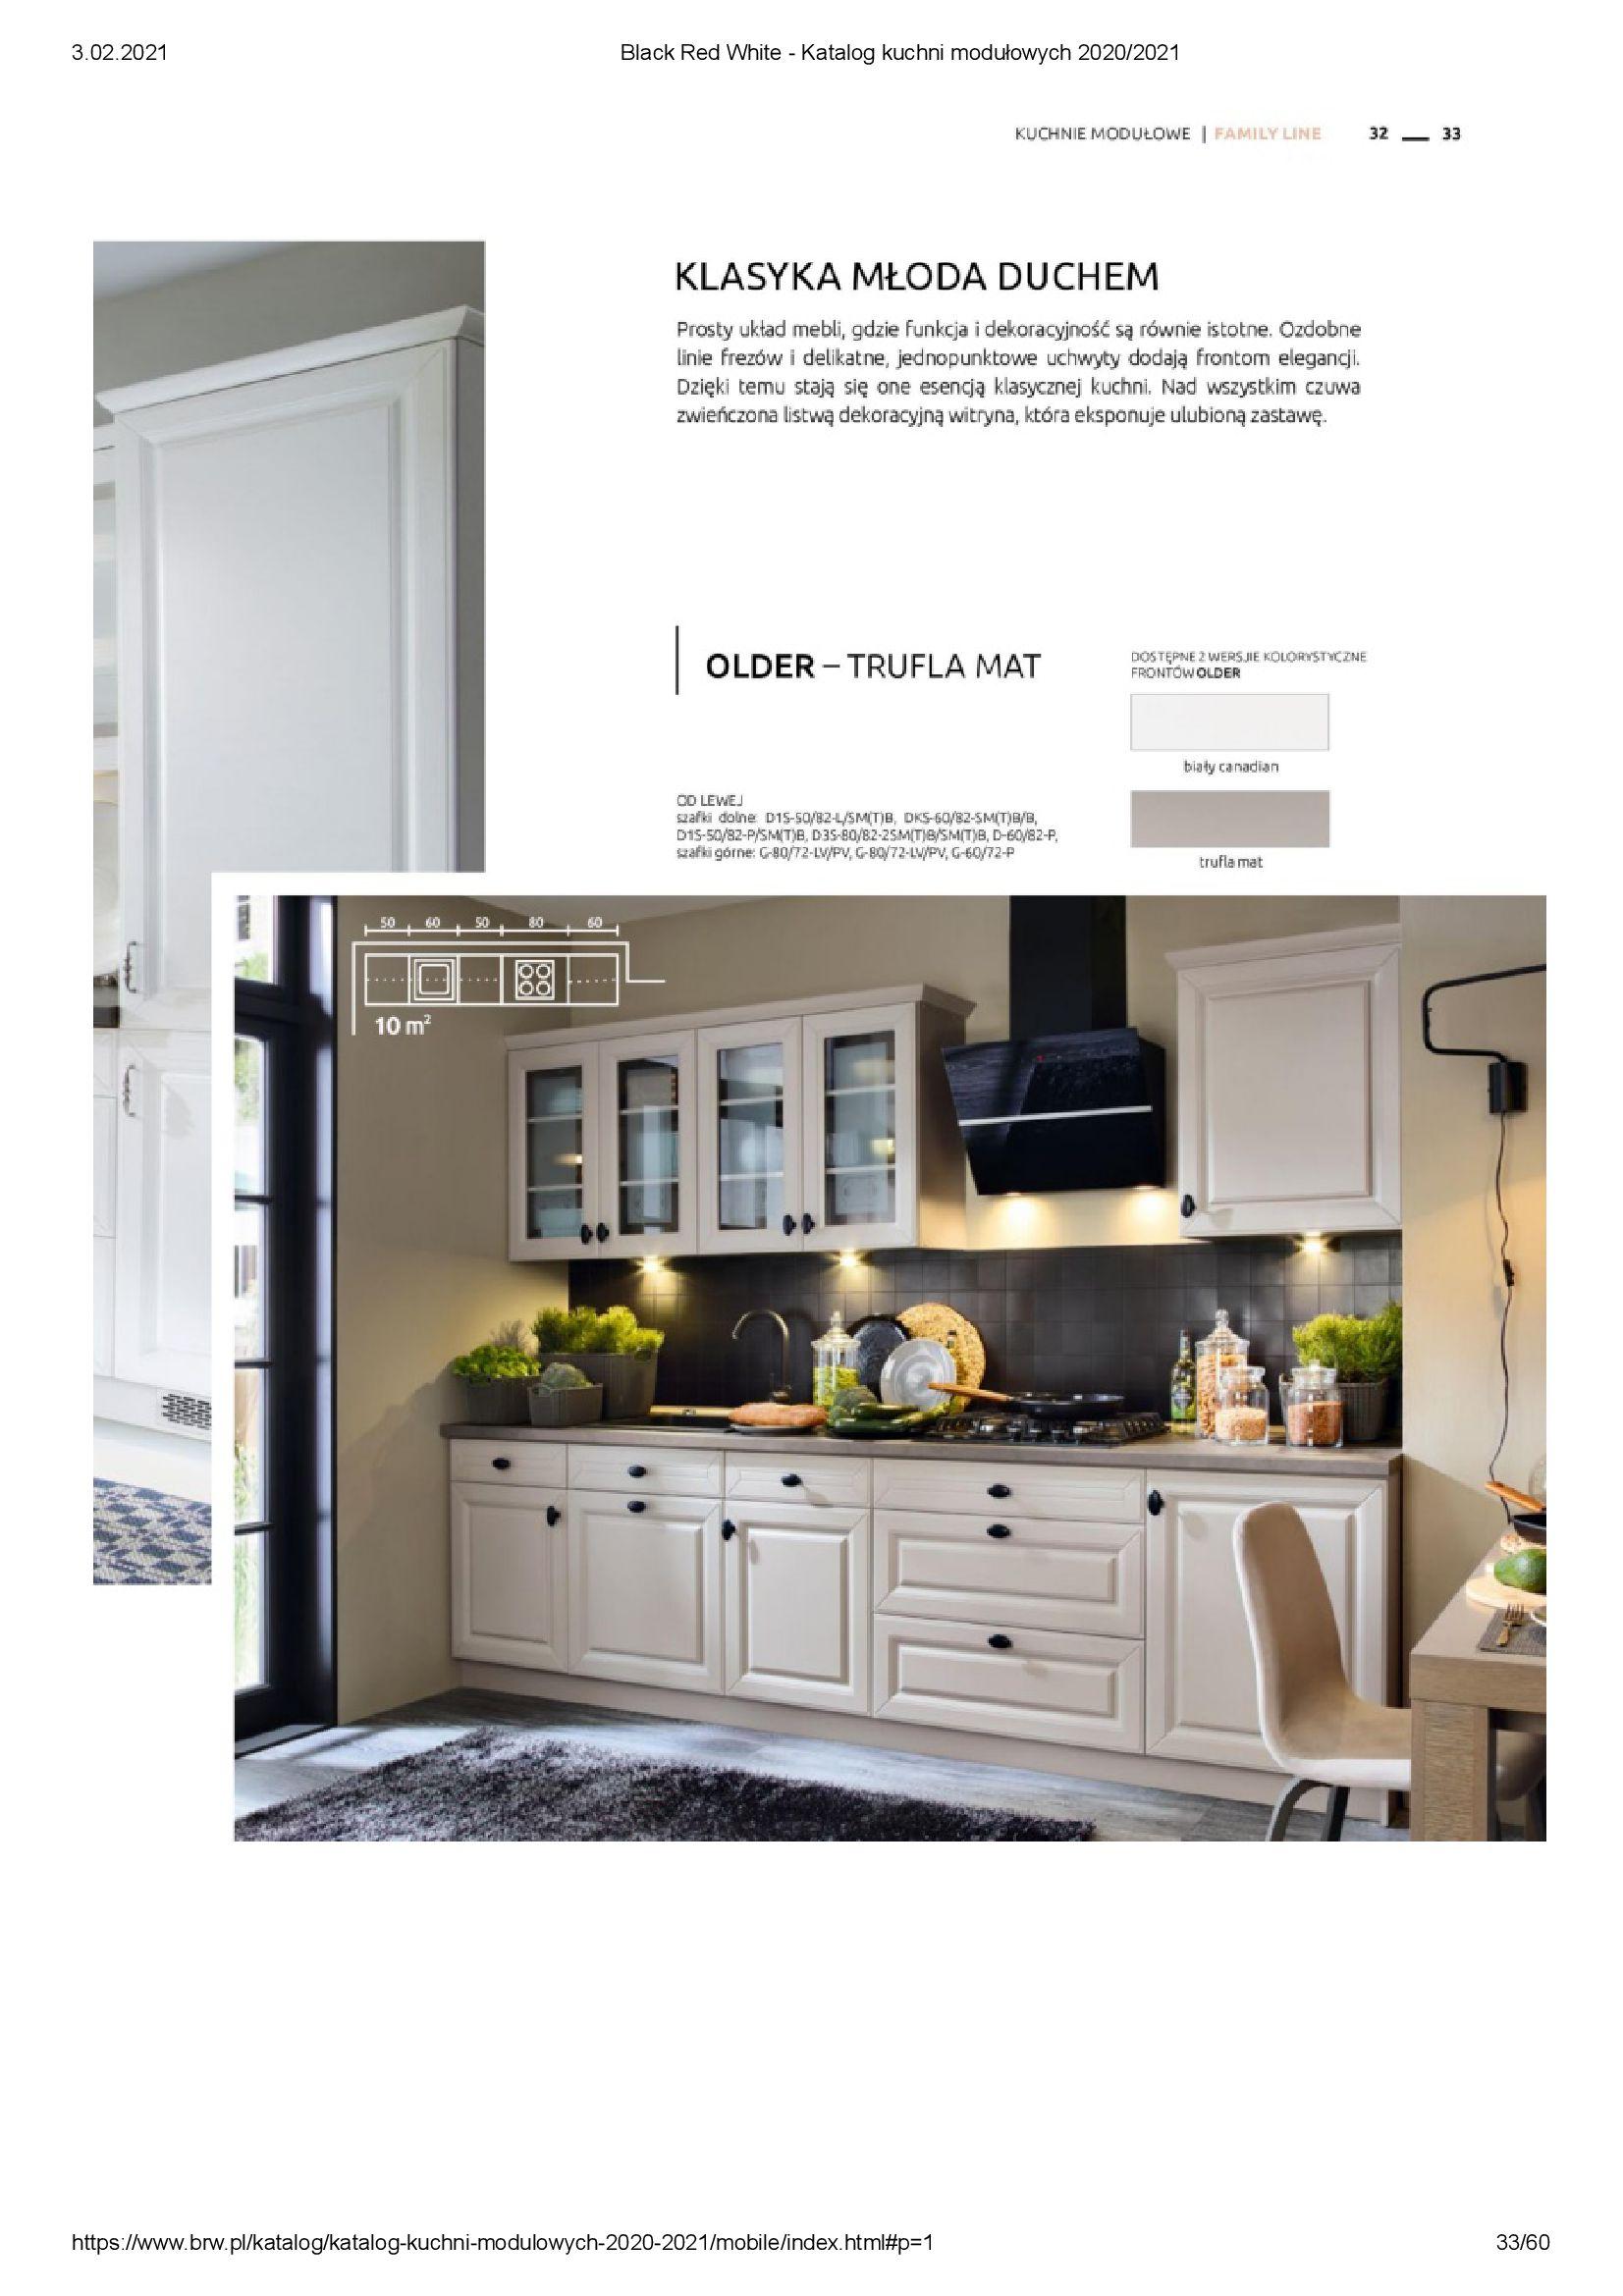 Gazetka Black Red White: Katalog - Kuchnie modułowe 2020/2021 2021-01-01 page-33